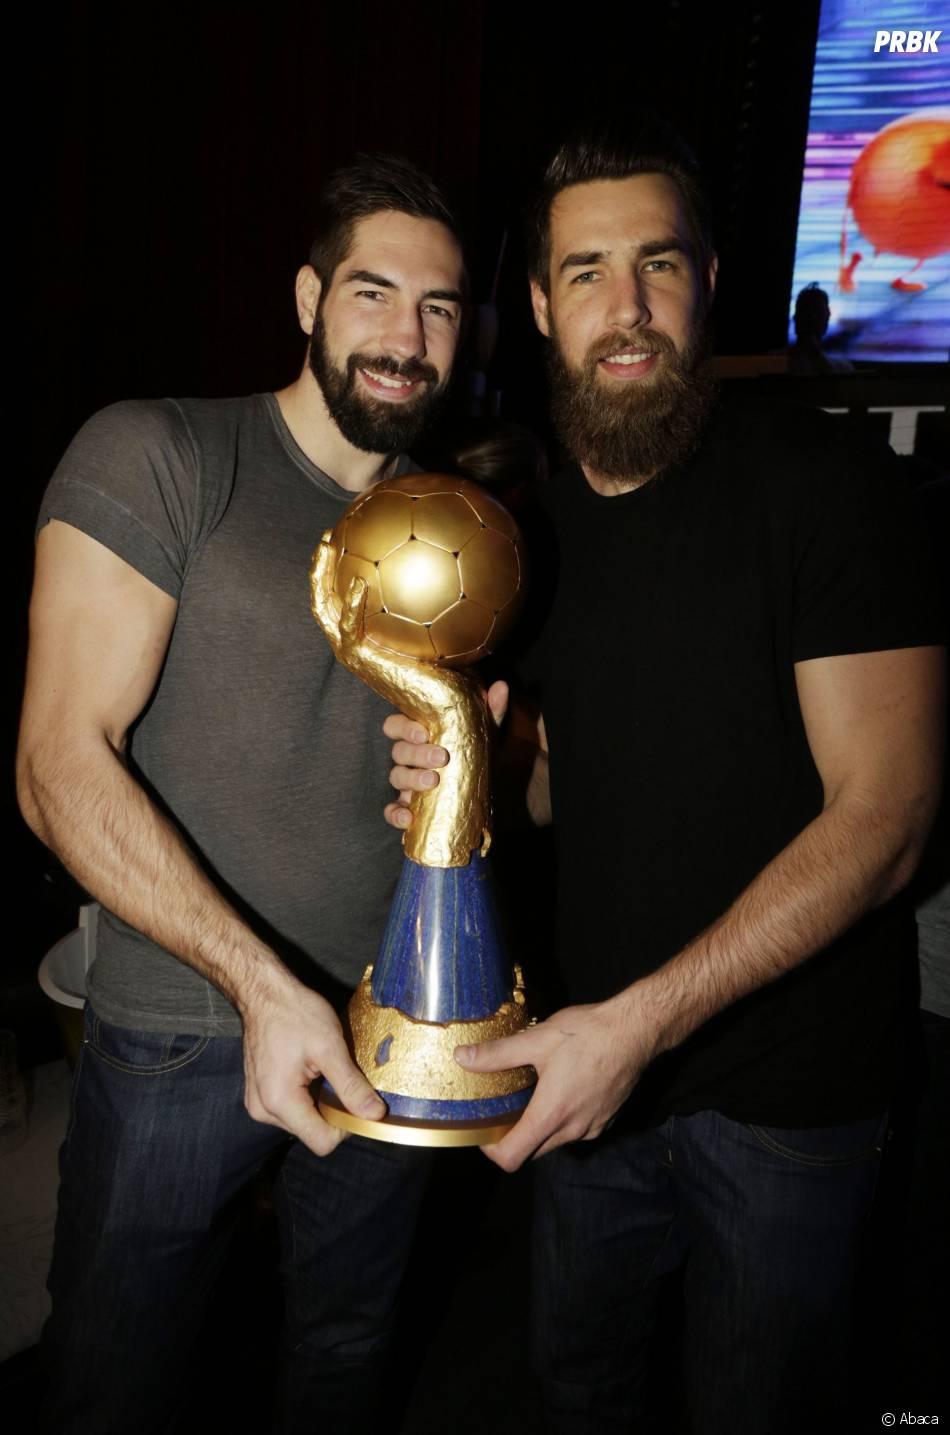 Nikola et Luka Karabatic au VIP Room pour fêter la victoire de l'équipe de France de handball au championnat du monde 2015, le 2 février 2015